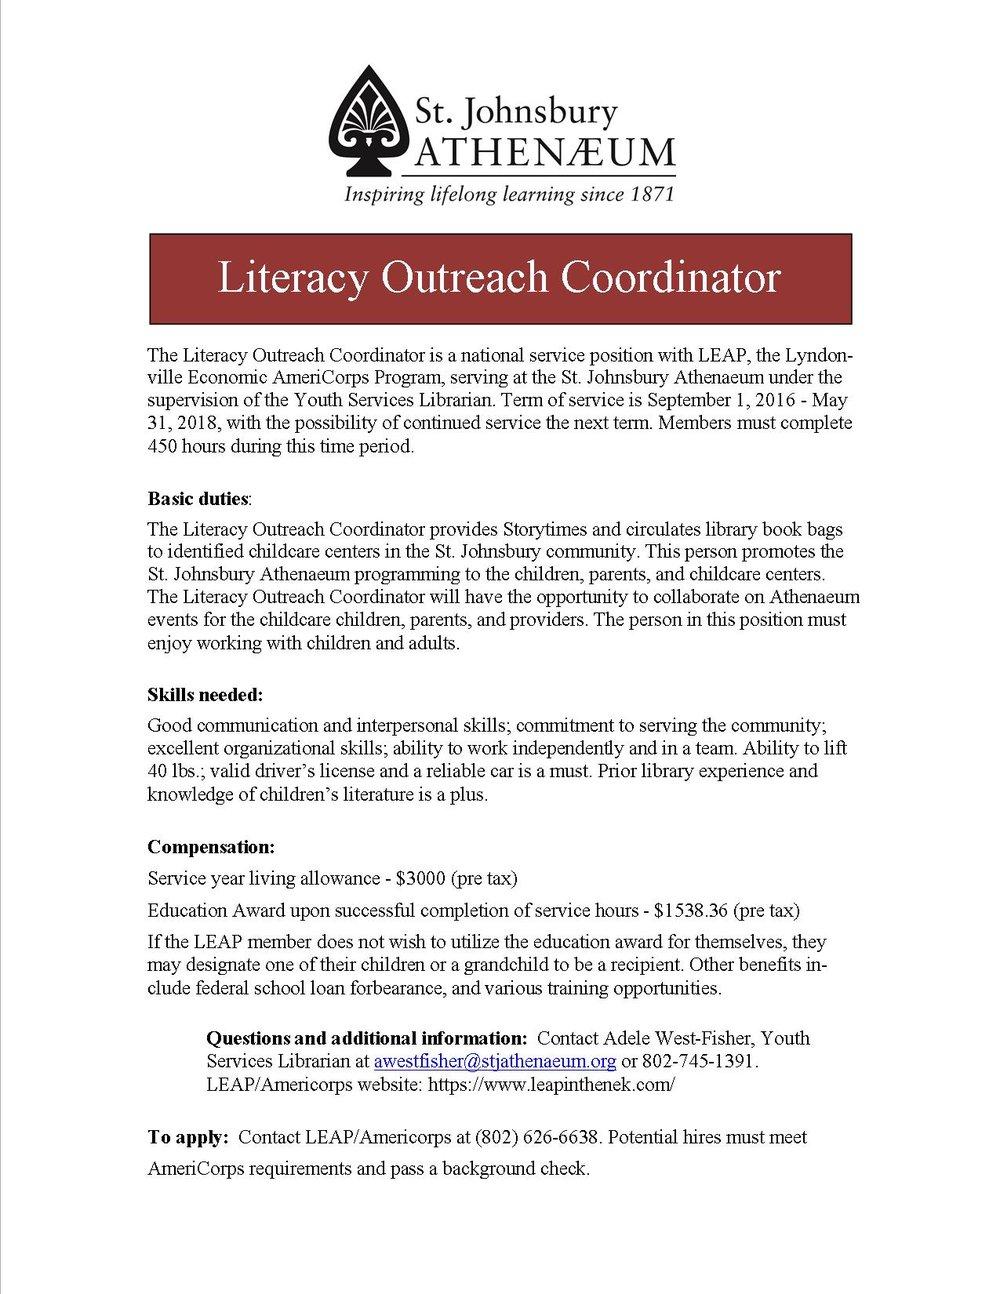 Literacy Outreach Coordinator.jpg